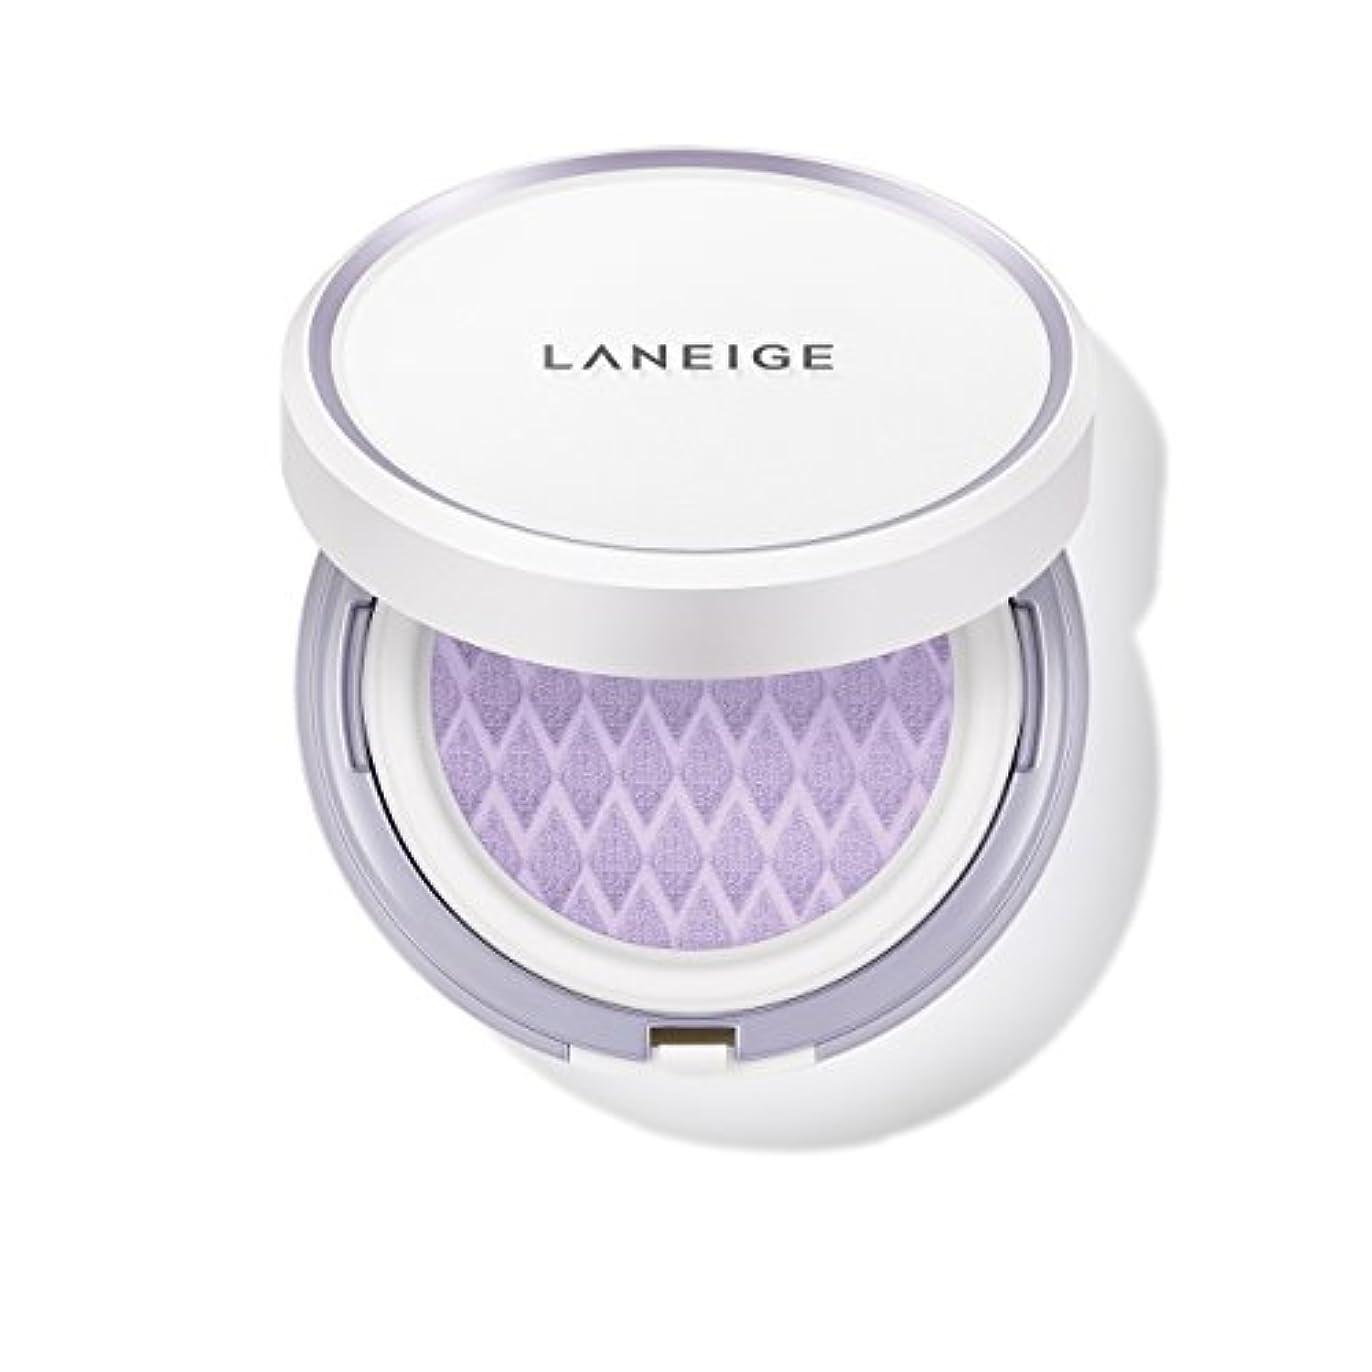 鷲格差ネブラネージュ[LANEIGE]*AMOREPACIFIC*[新商品]スキンベなベースクッションSPF 22PA++(#40 Light Purple) 15g*2 / LANEIGE Skin Veil Base Cushion...